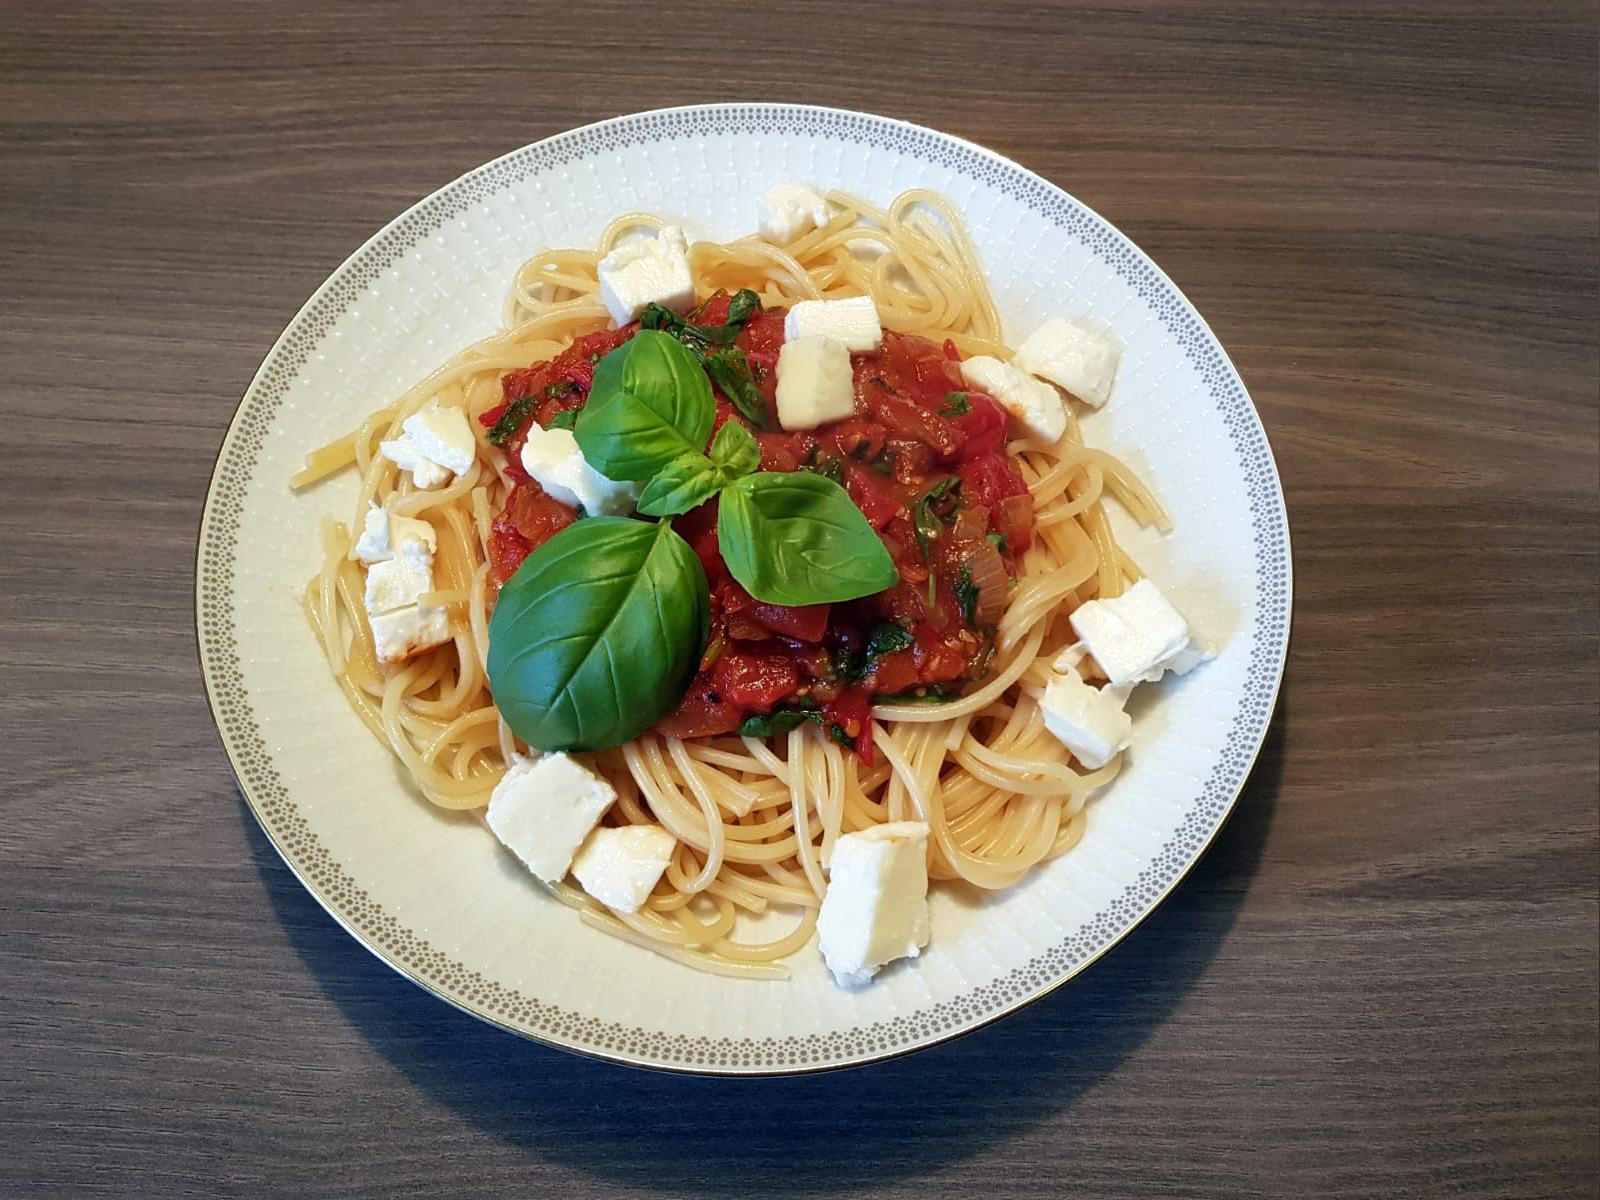 Spaghetti mit frischer Tomatensoße